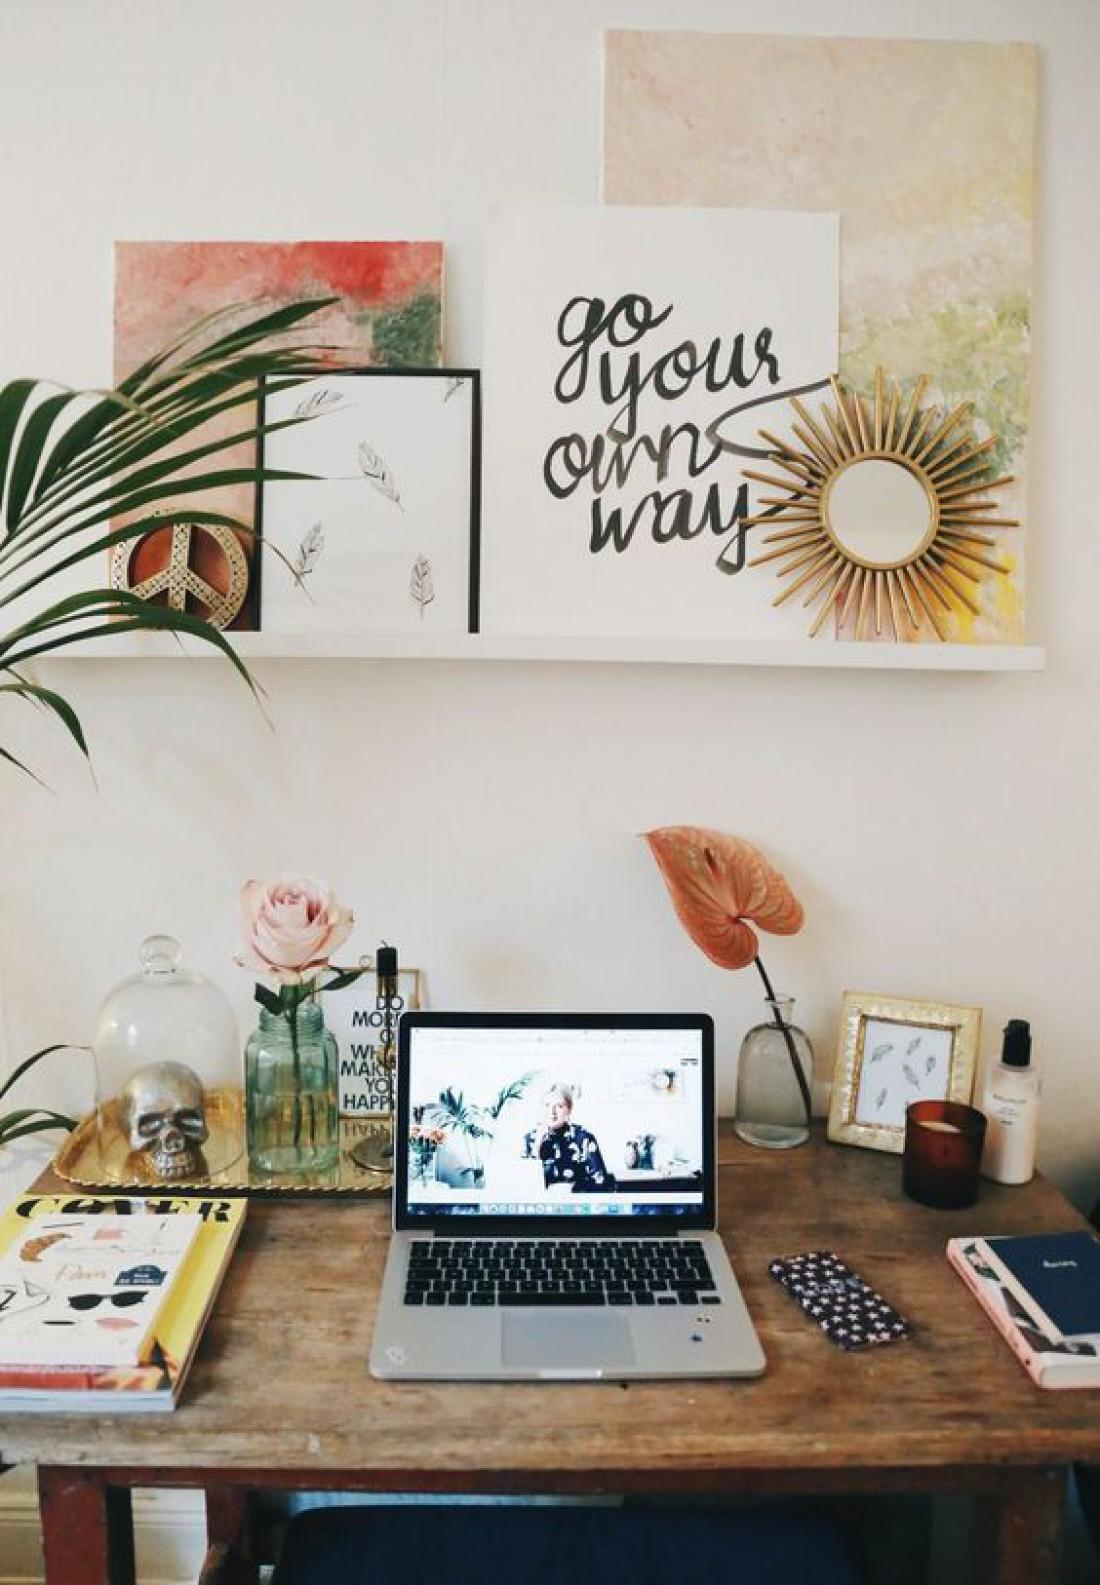 Как улучшить условия работы и перестать раздражаться по мелочам